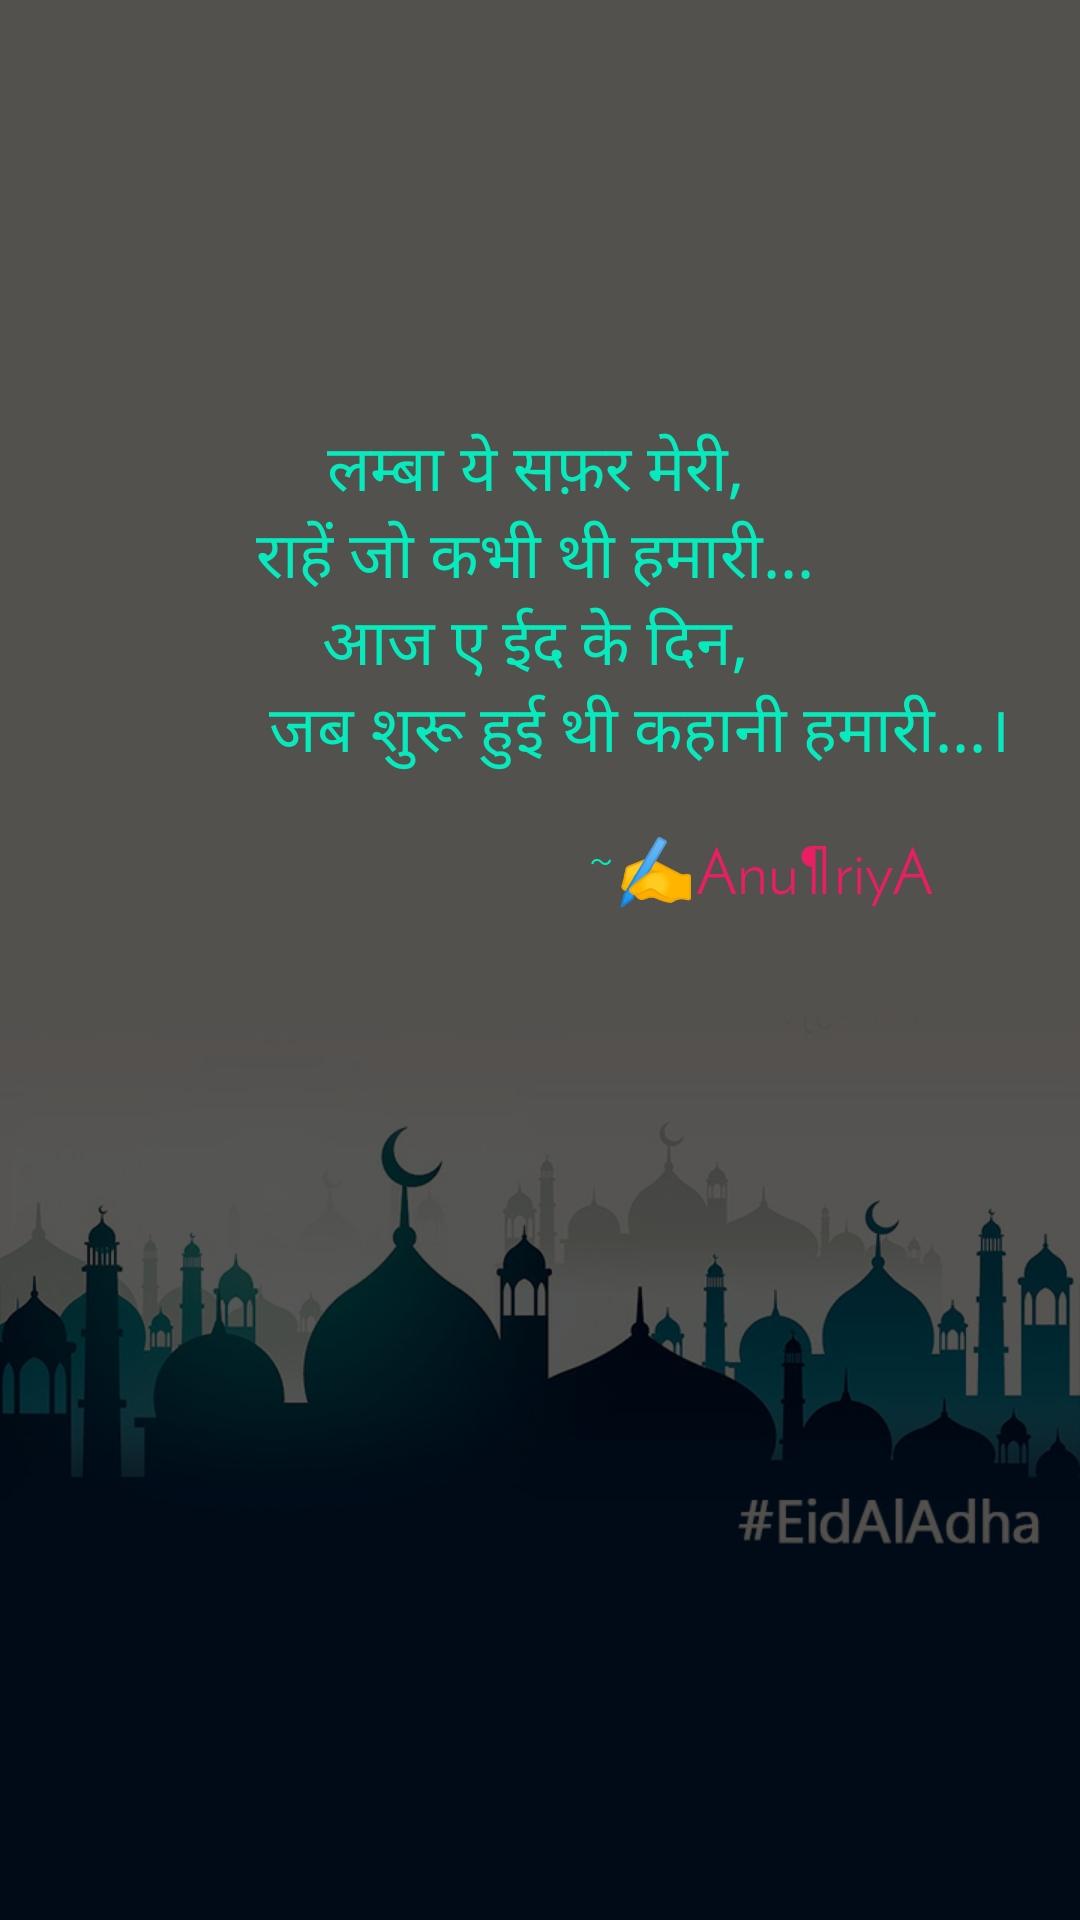 लम्बा ये सफ़र मेरी, राहें जो कभी थी हमारी... आज ए ईद के दिन,                  जब शुरू हुई थी कहानी हमारी...।                                                        ~✍️Anu¶riyA